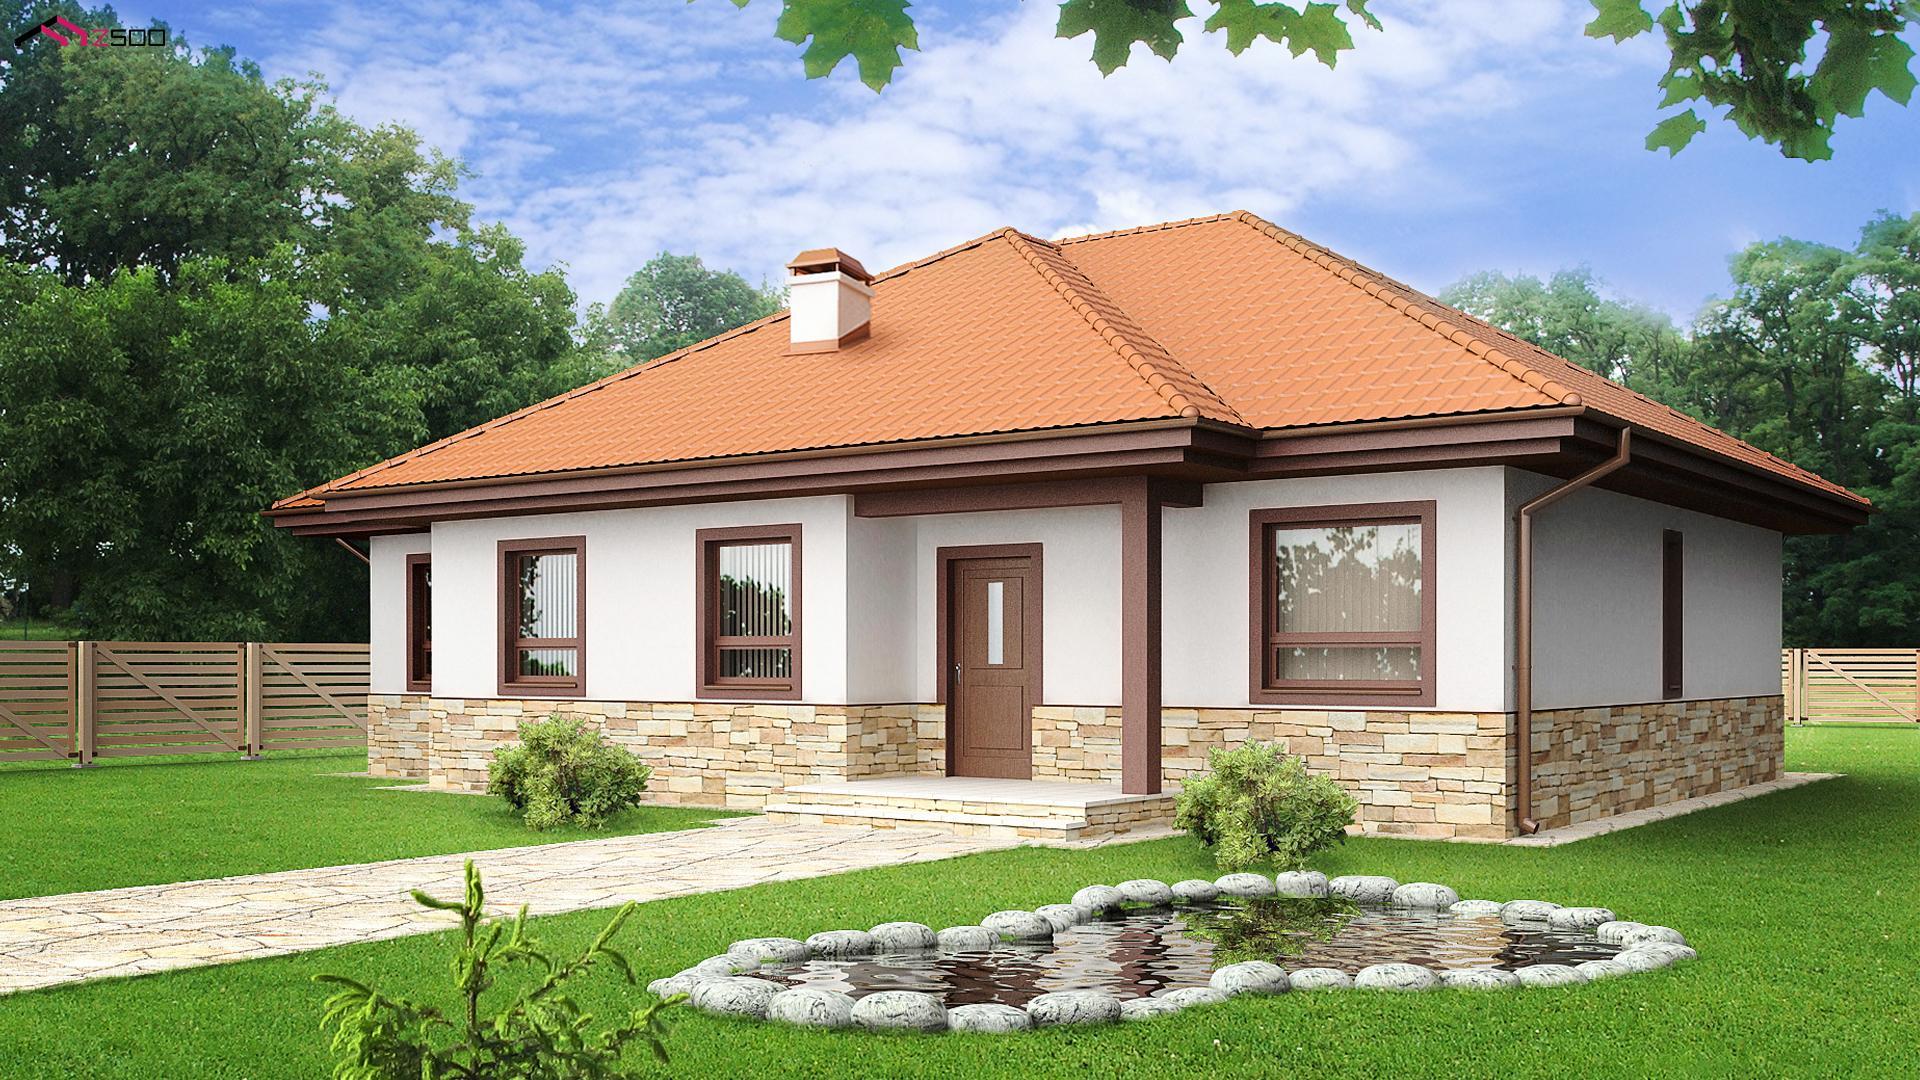 Un proiect de nota 10 - Casa superba  pe un singur nivel